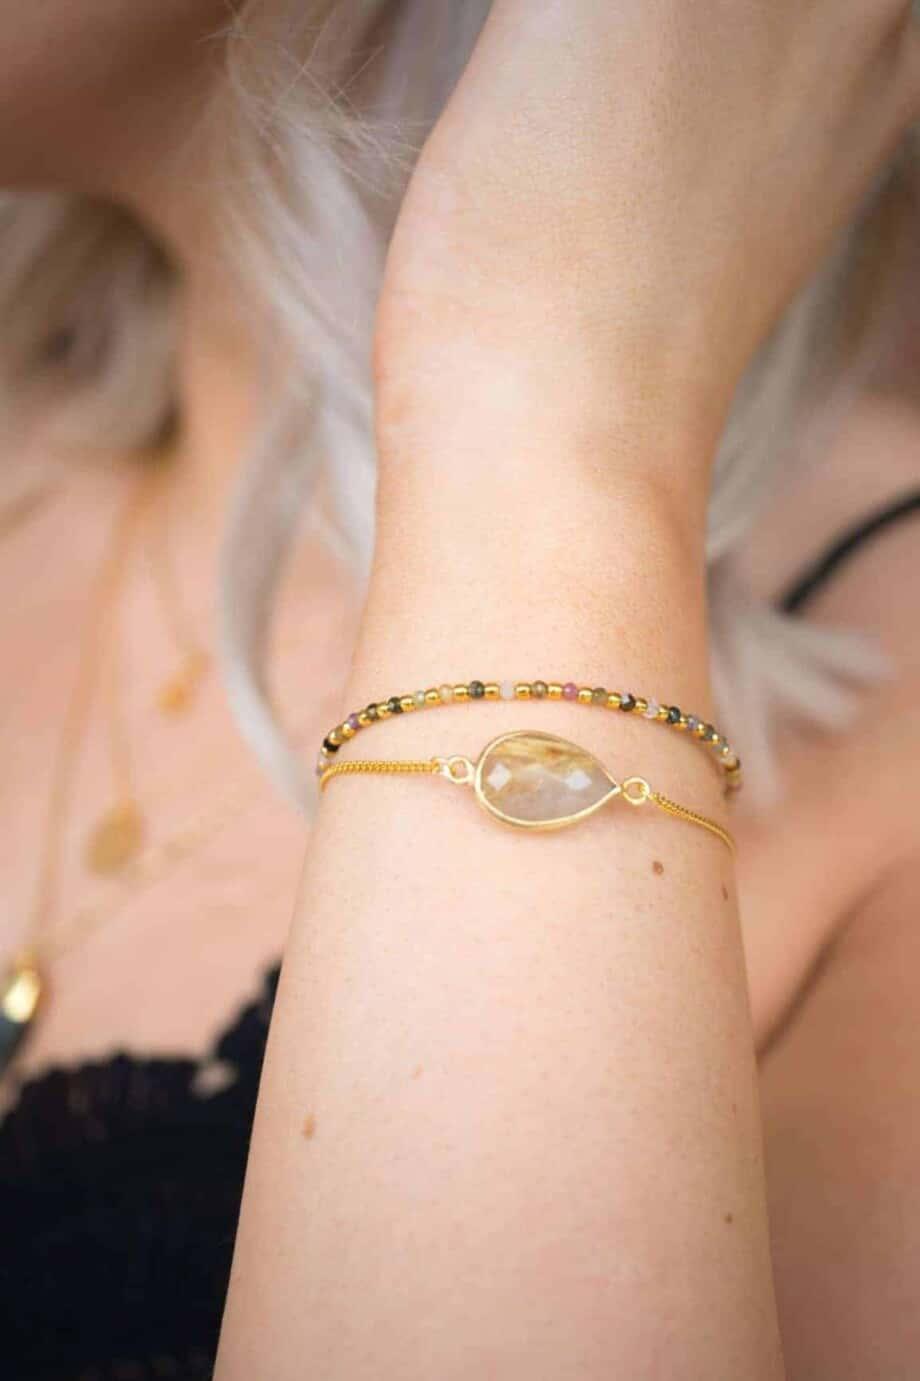 Handgemaakte Gouden armband met Tourmalijn edelsteen